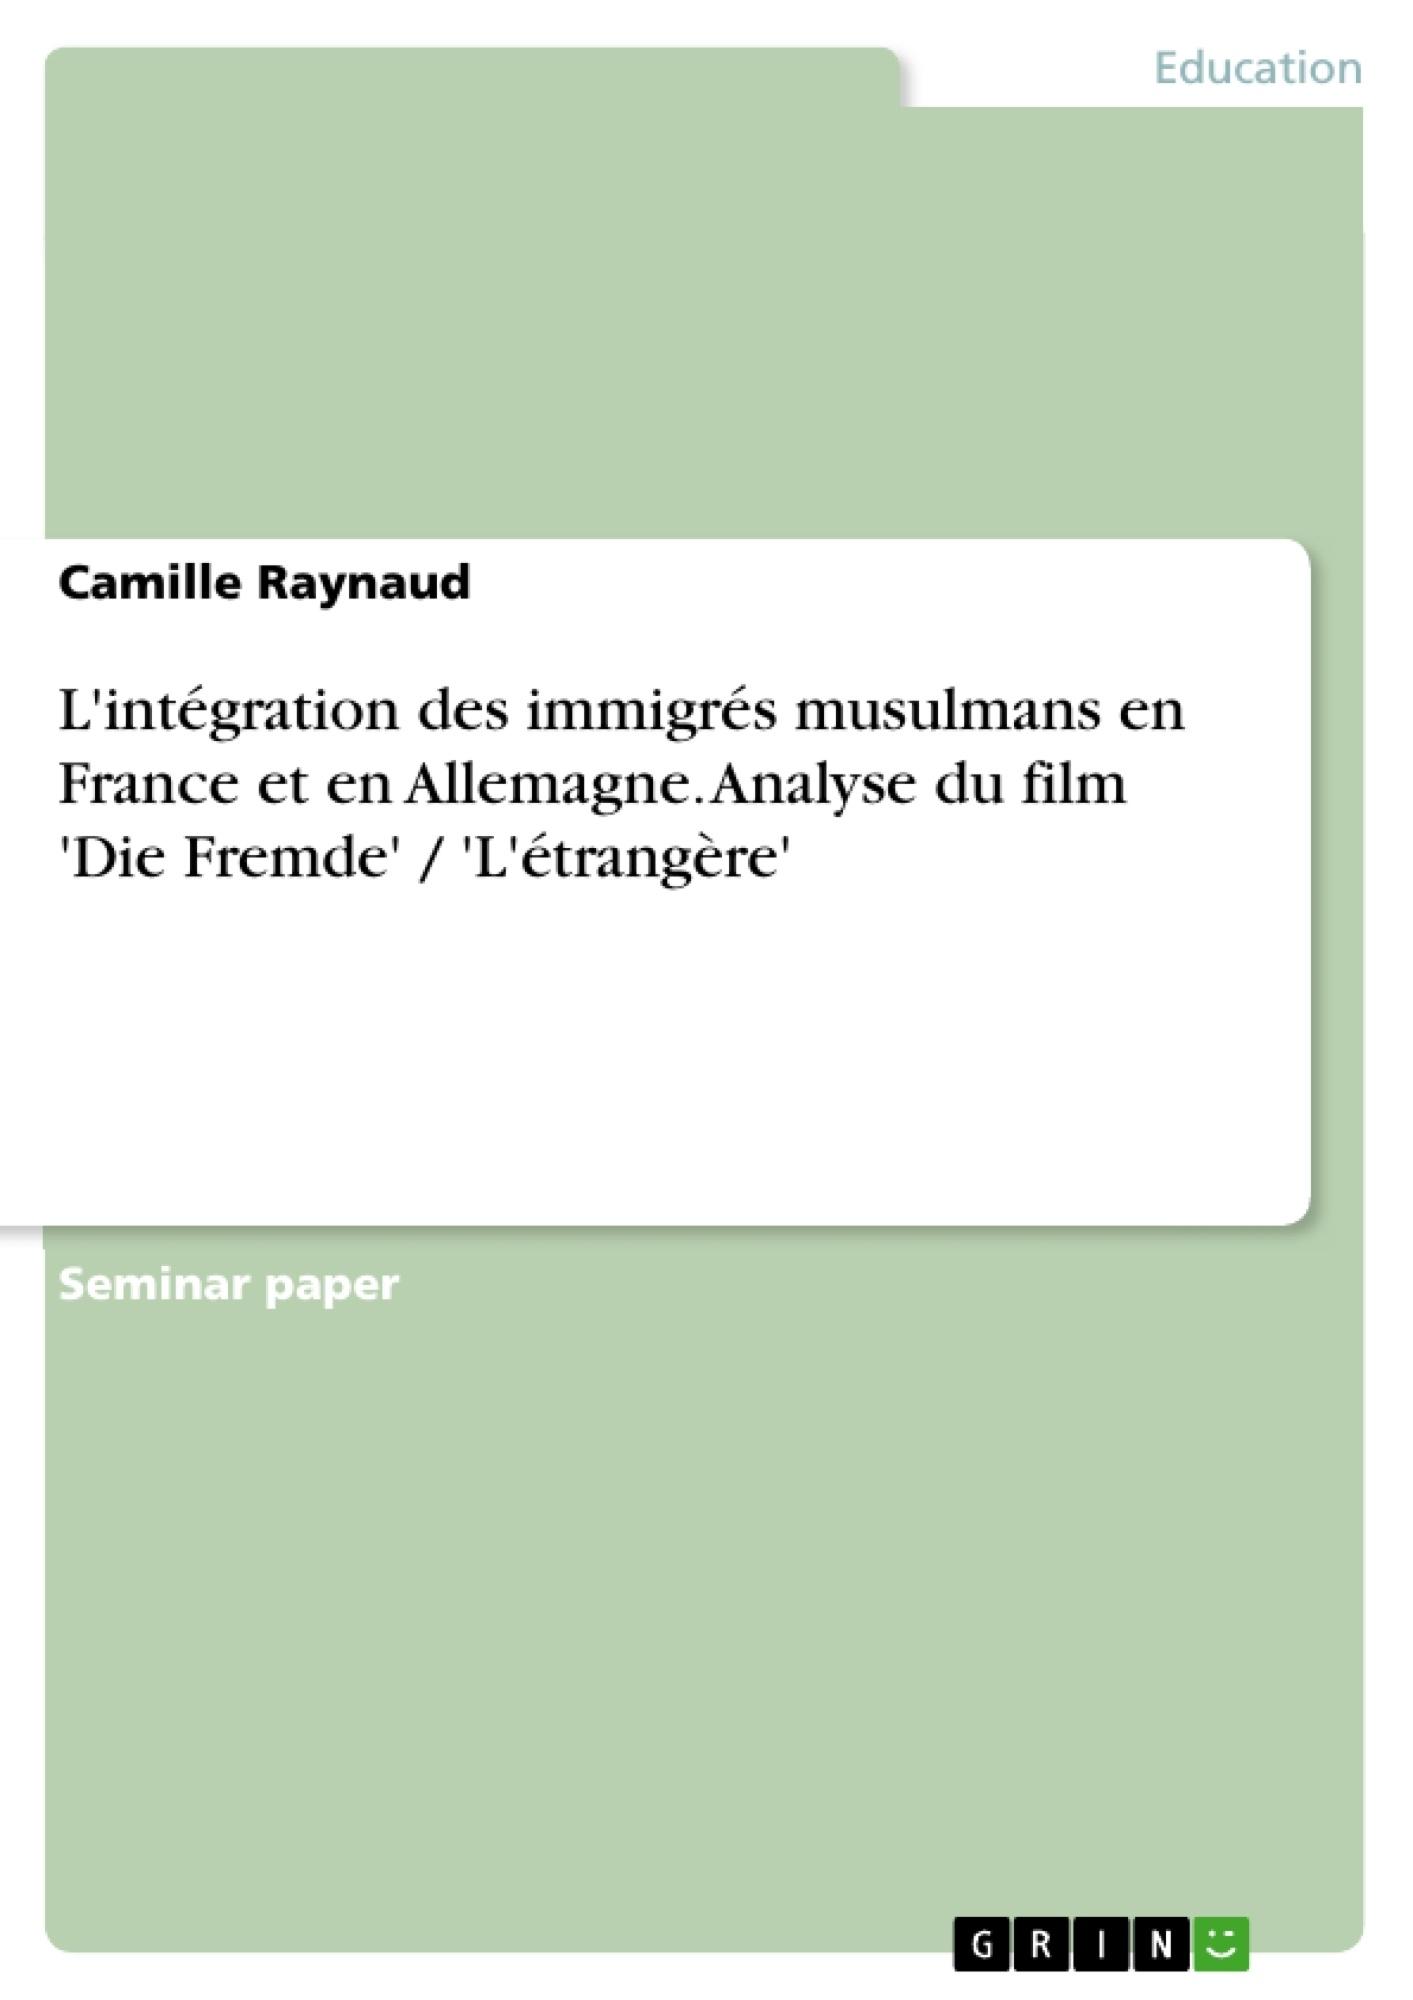 Titre: L'intégration des immigrés musulmans en France et en Allemagne. Analyse du film 'Die Fremde' / 'L'étrangère'